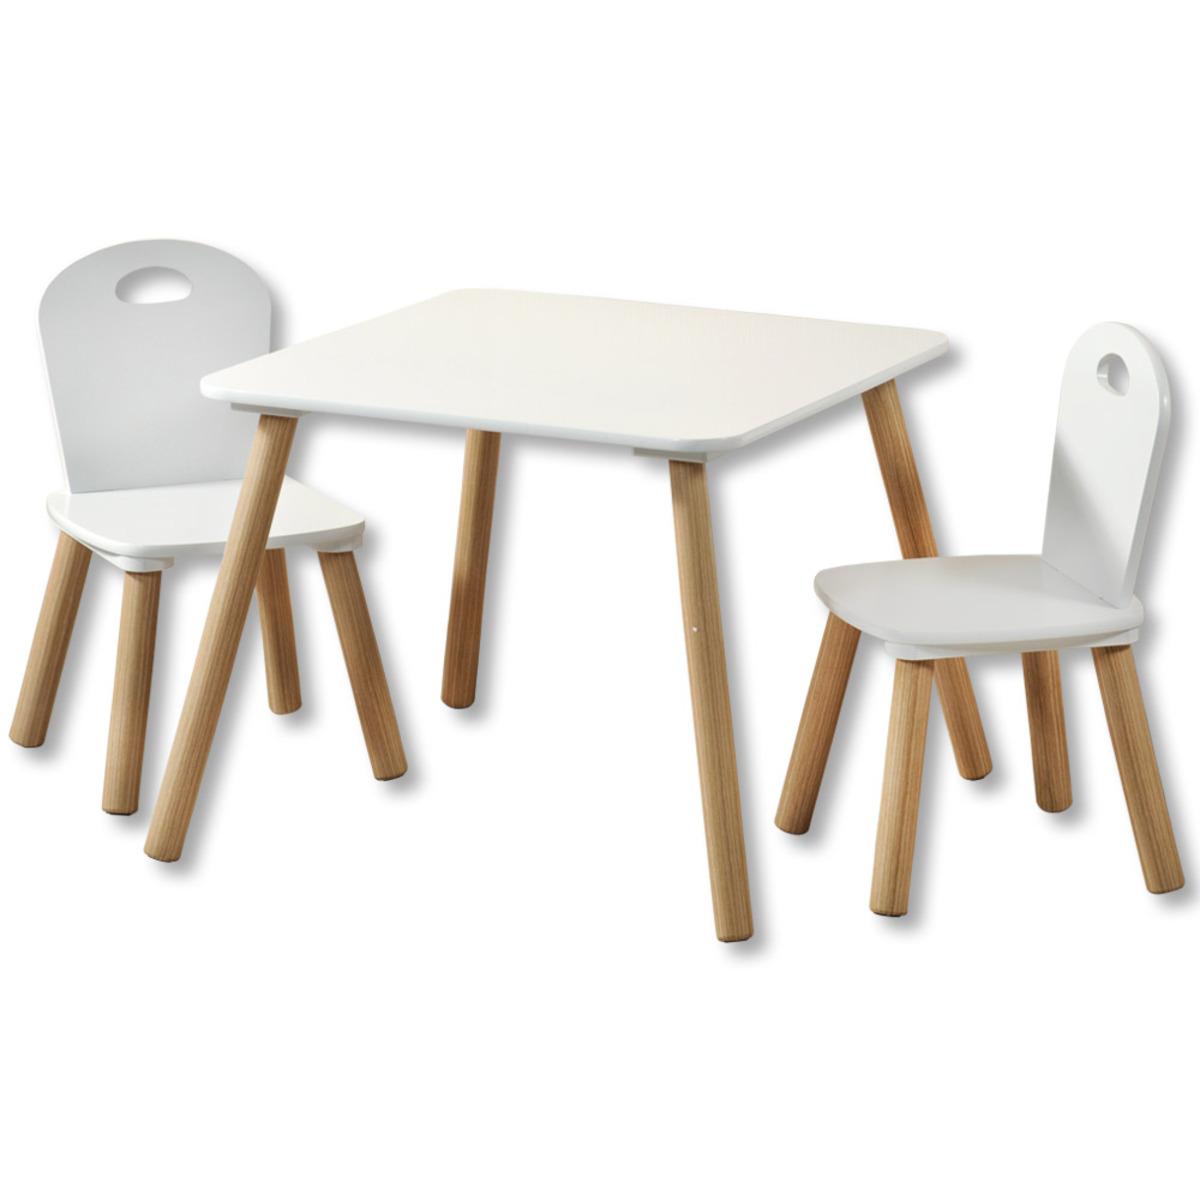 Bild 2 von Kesper Kindertisch mit 2 Stühlen, weiß - 3er Set